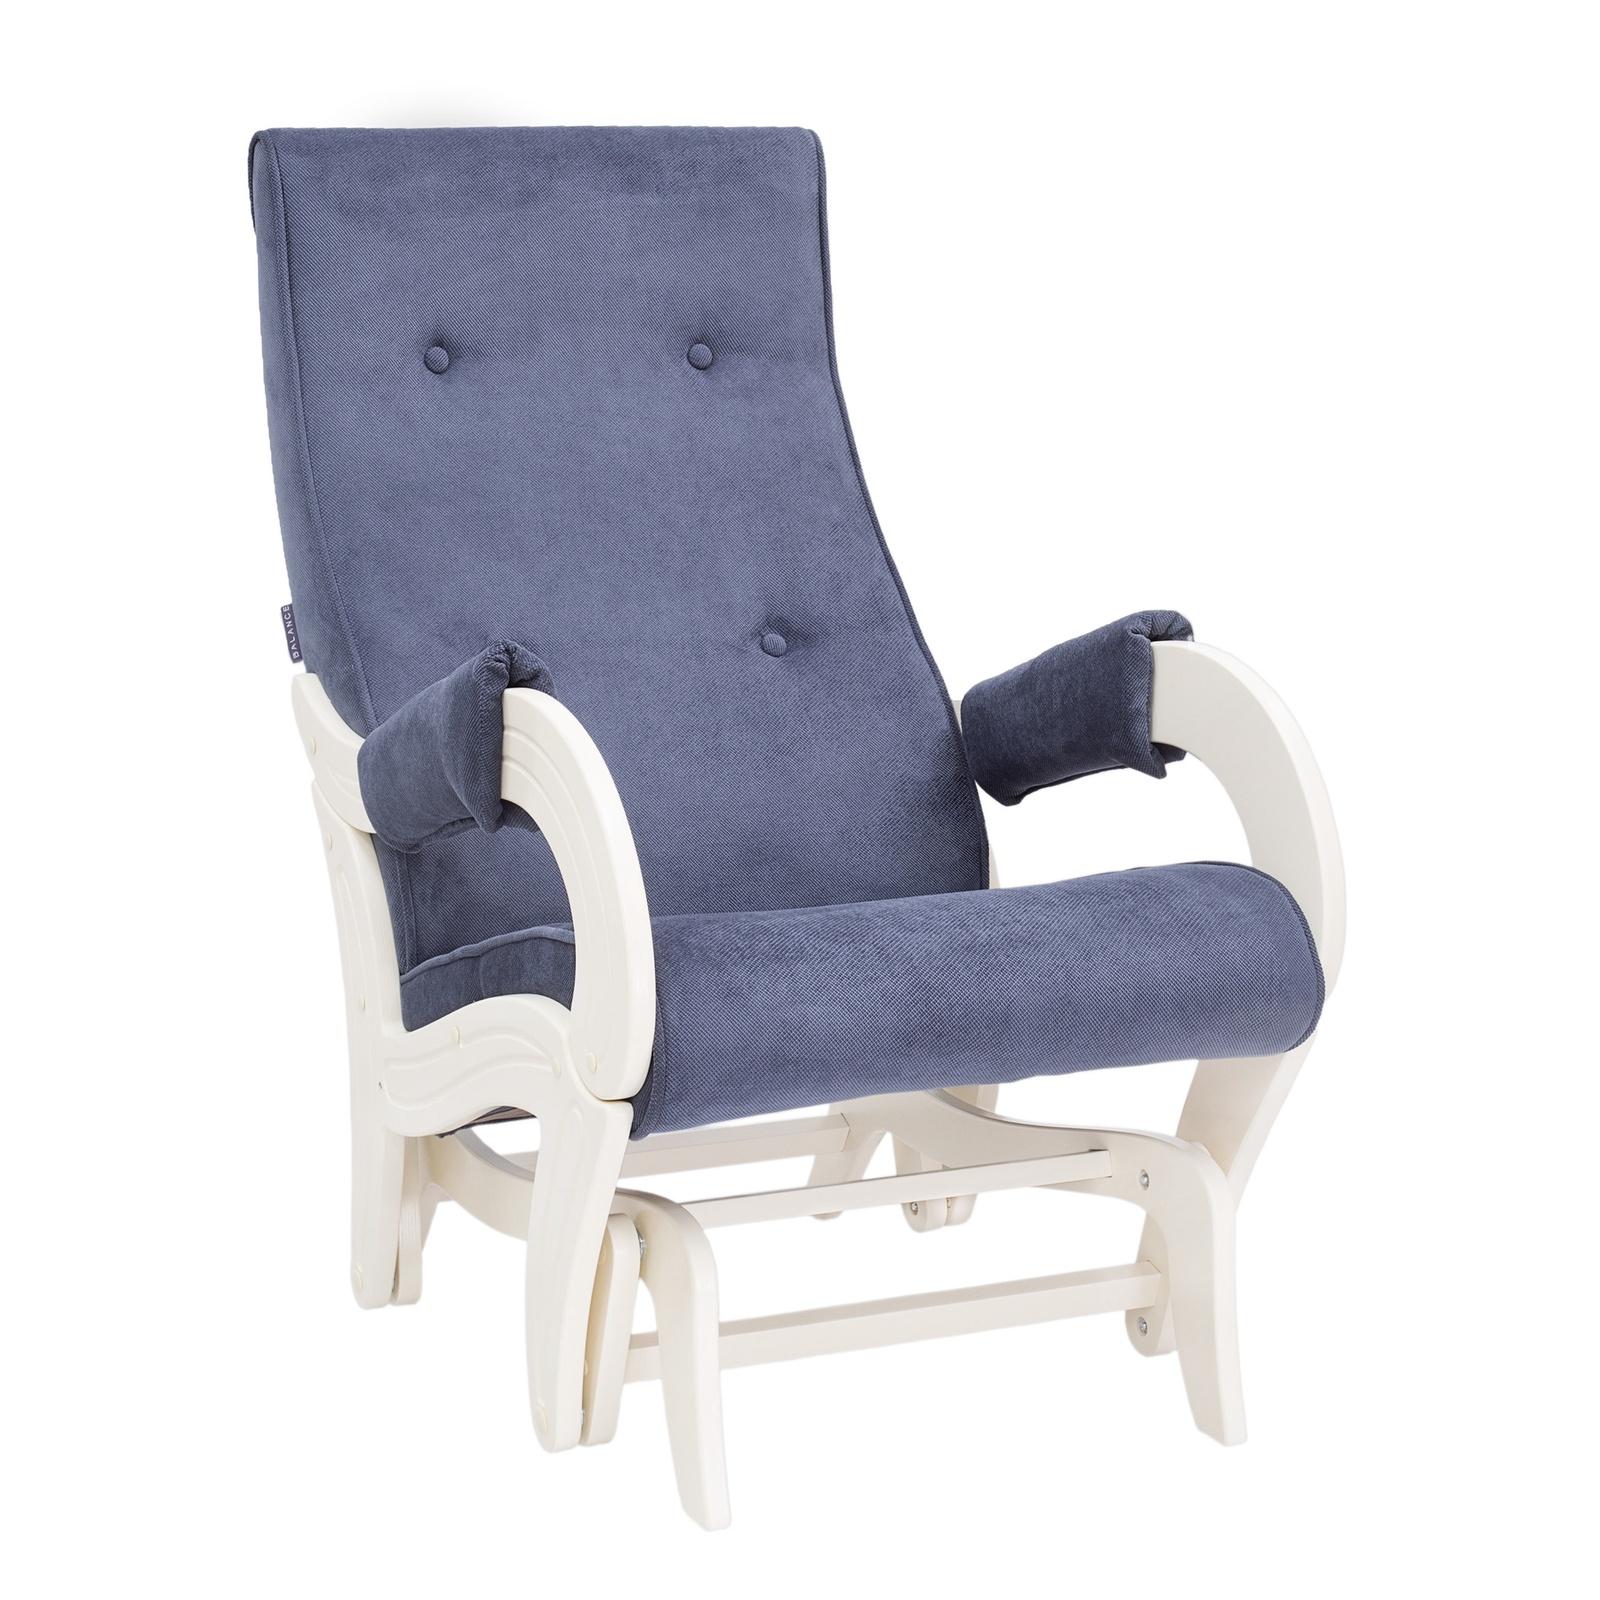 Кресло-качалка Комфорт model-708, синий